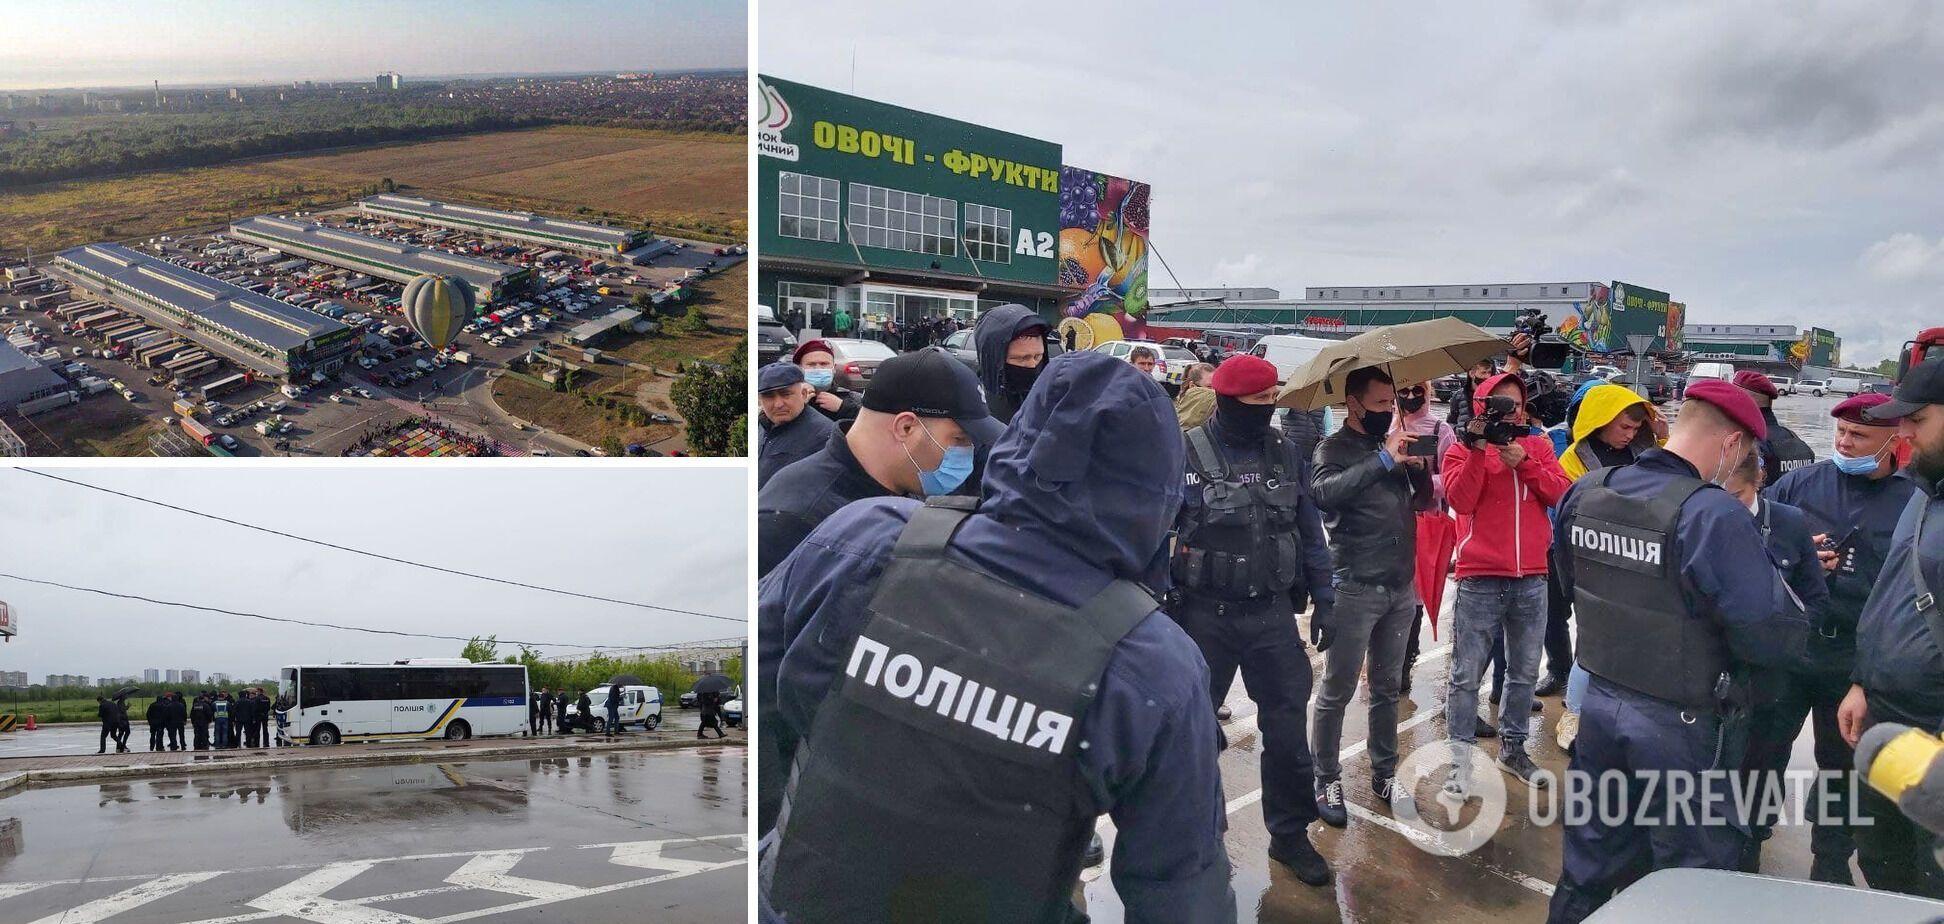 'Титушки', взрывы и депутатская 'крыша': как рейдерили рынок 'Столичный'